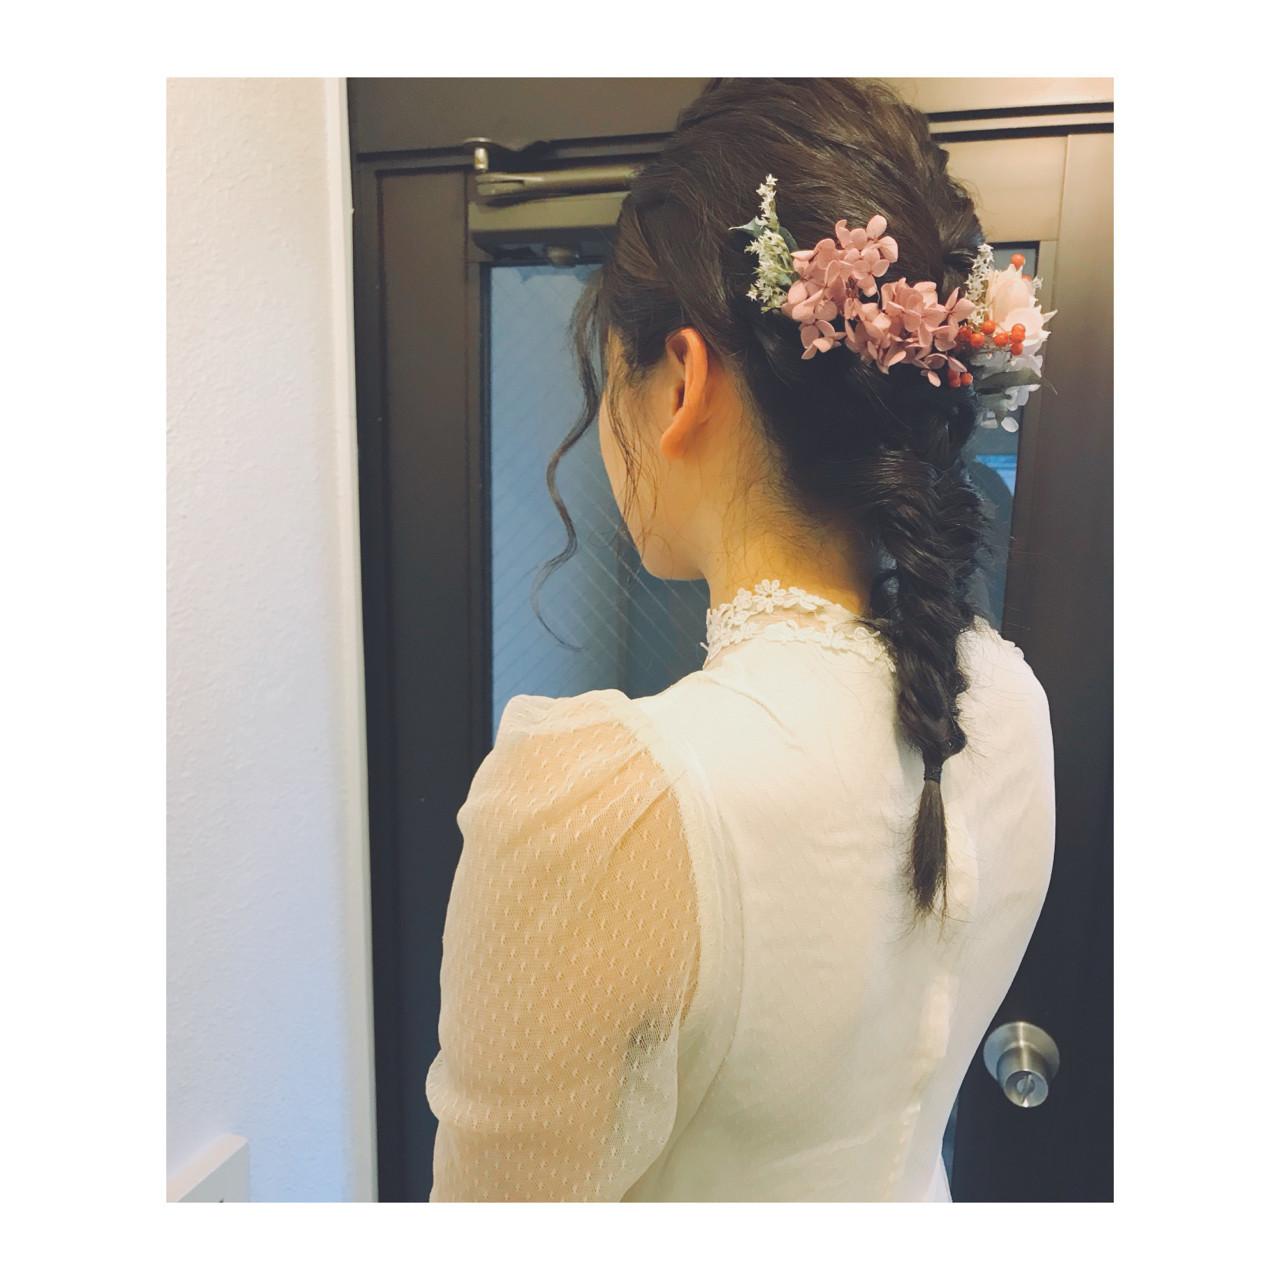 編みおろしスタイルはフィッシュボーンが人気 YUKINA / HOMIE TOKYO